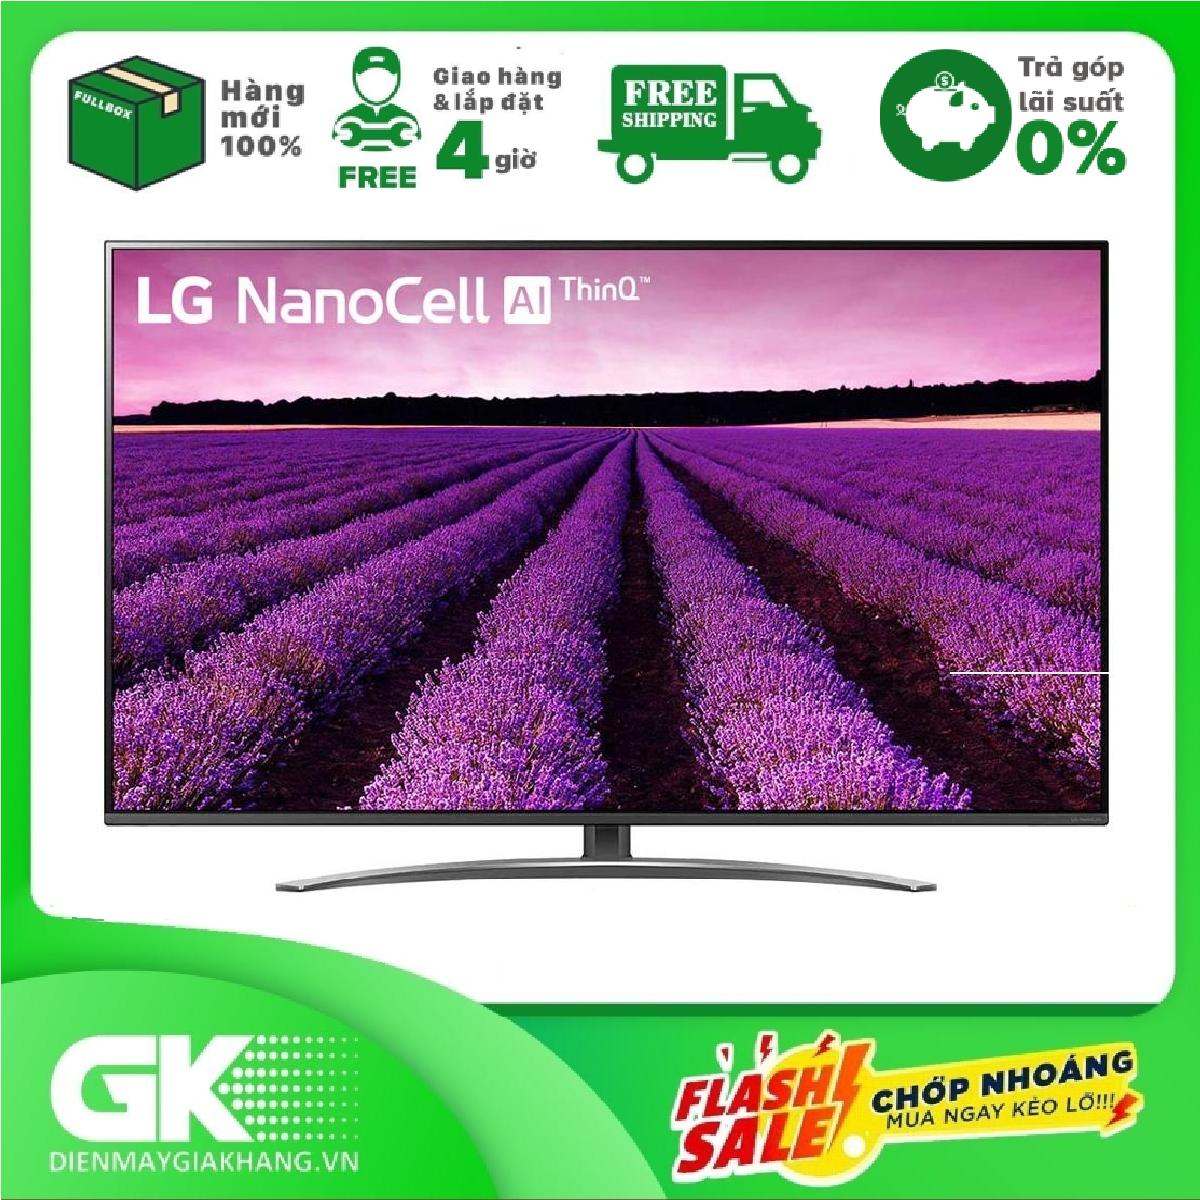 TRẢ GÓP 0% – Smart Tivi LG 4K 49 inch 49SM8100PTA – Hàng mới 100% – BTRẢo hành 2 năm